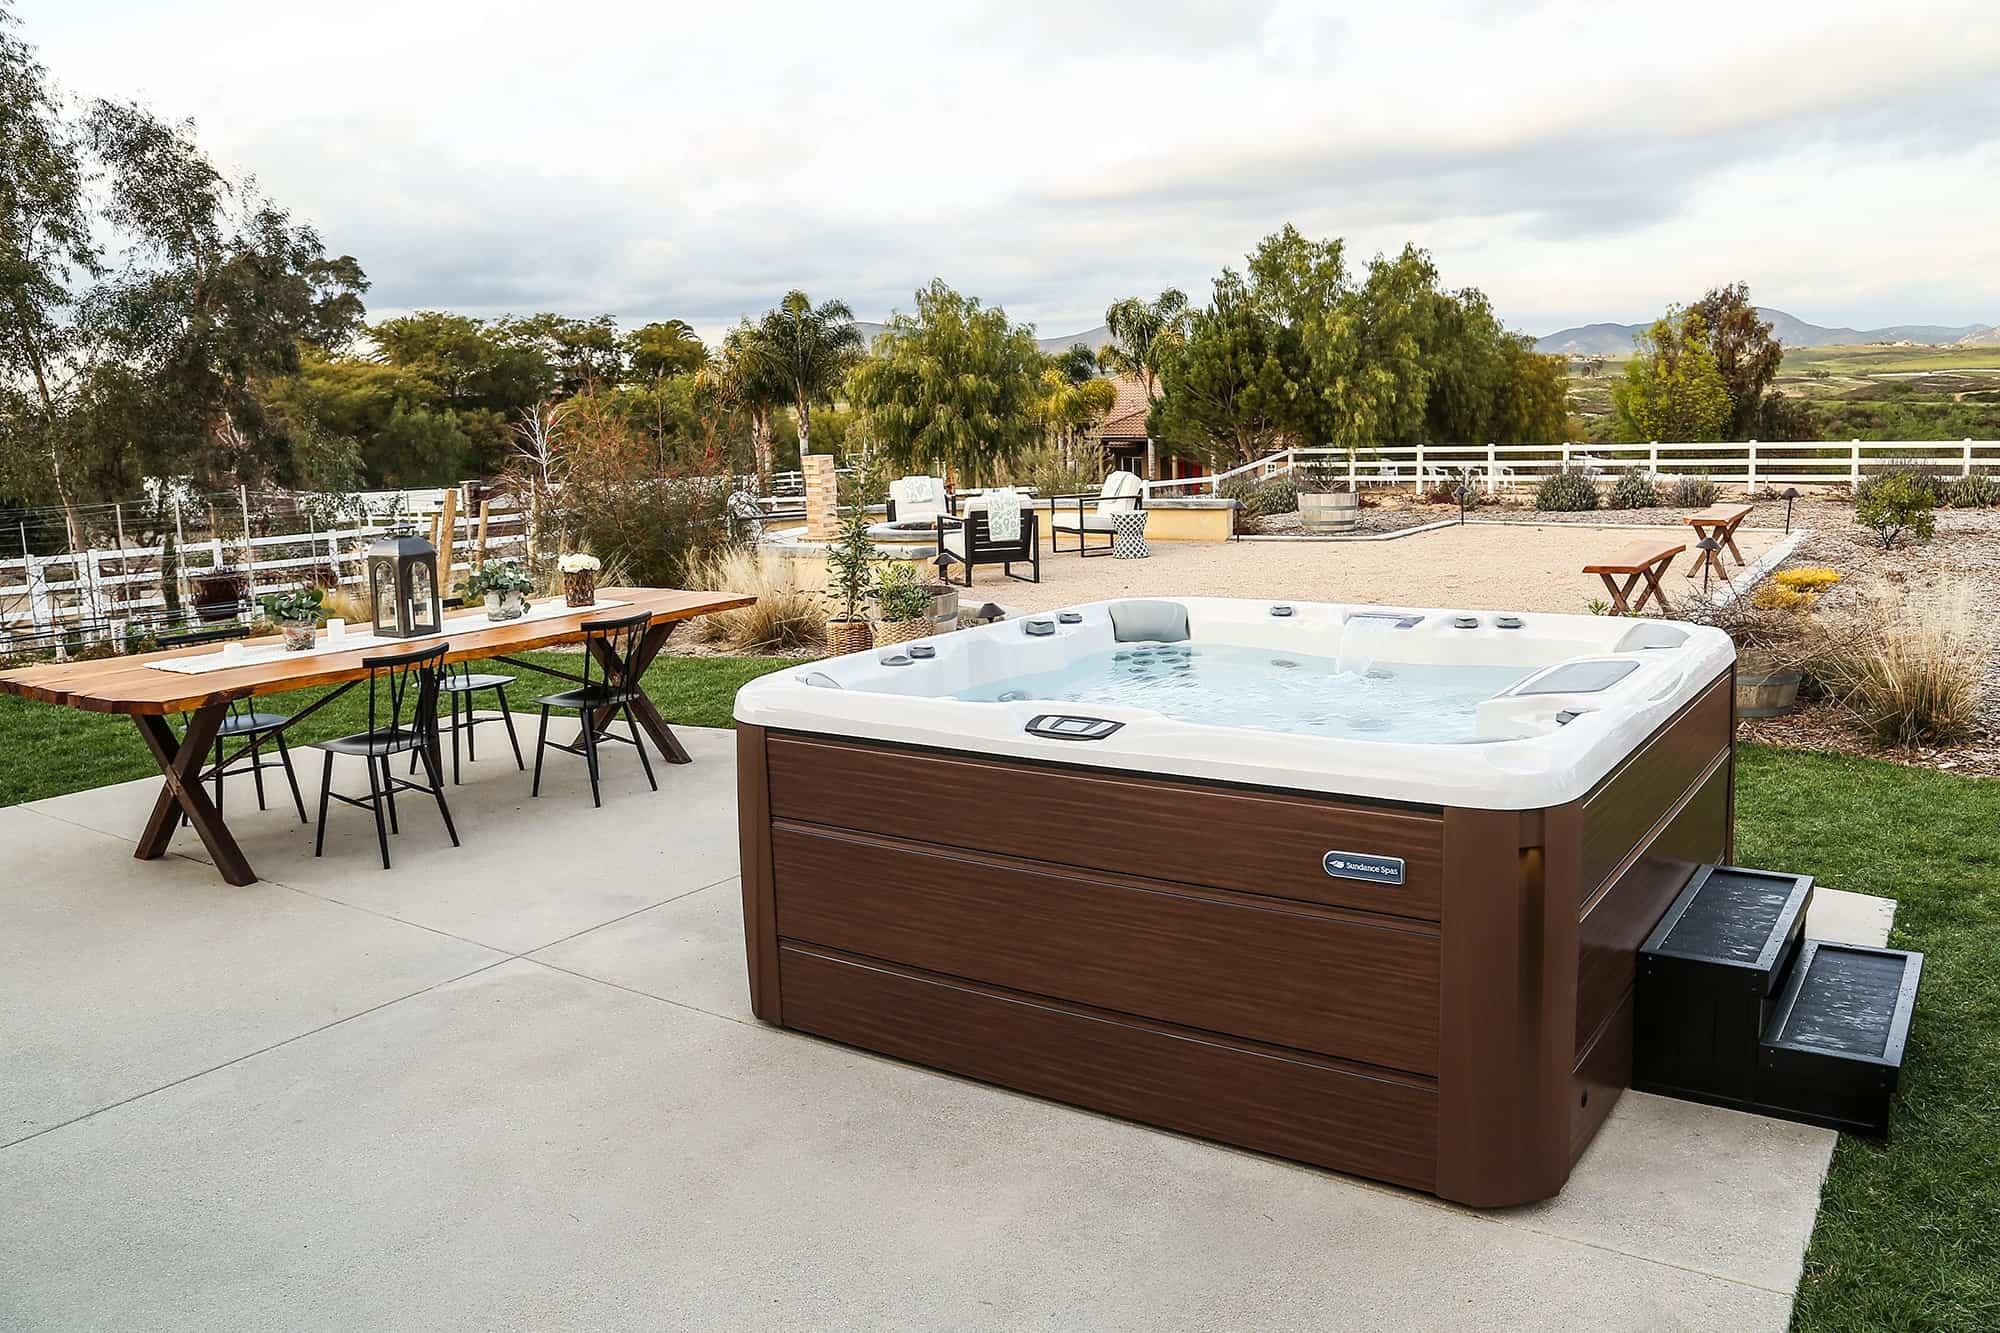 Modern Sundance Spa Backyard Setup